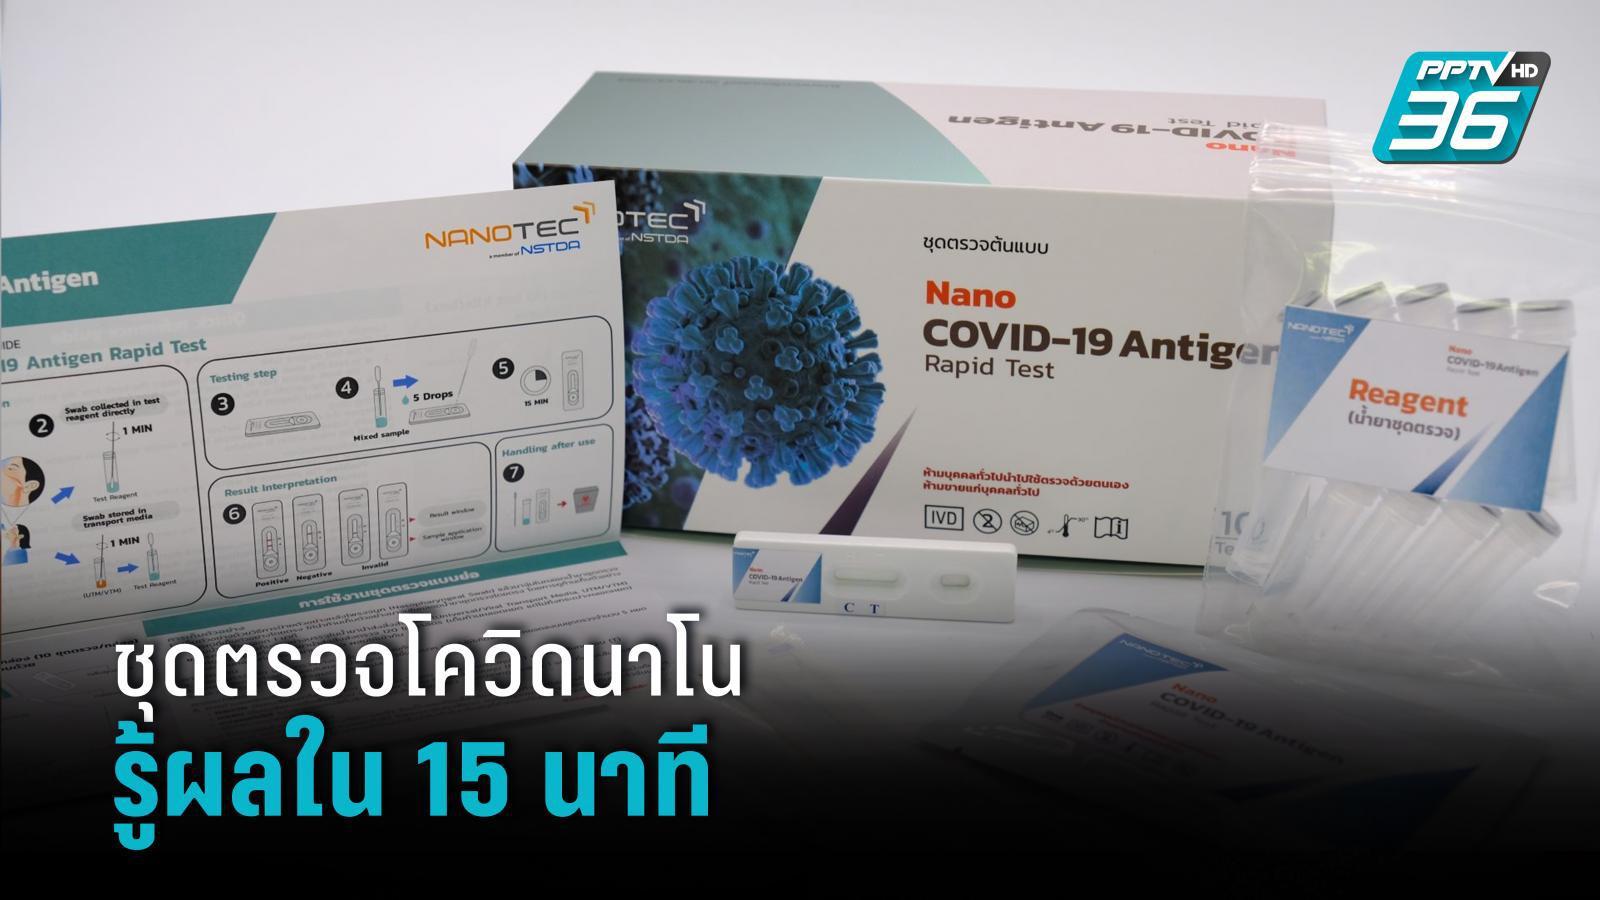 นาโนเทคพัฒนาชุดตรวจคัดกรองโควิด-19 NANO Antigen Rapid Test สำเร็จ